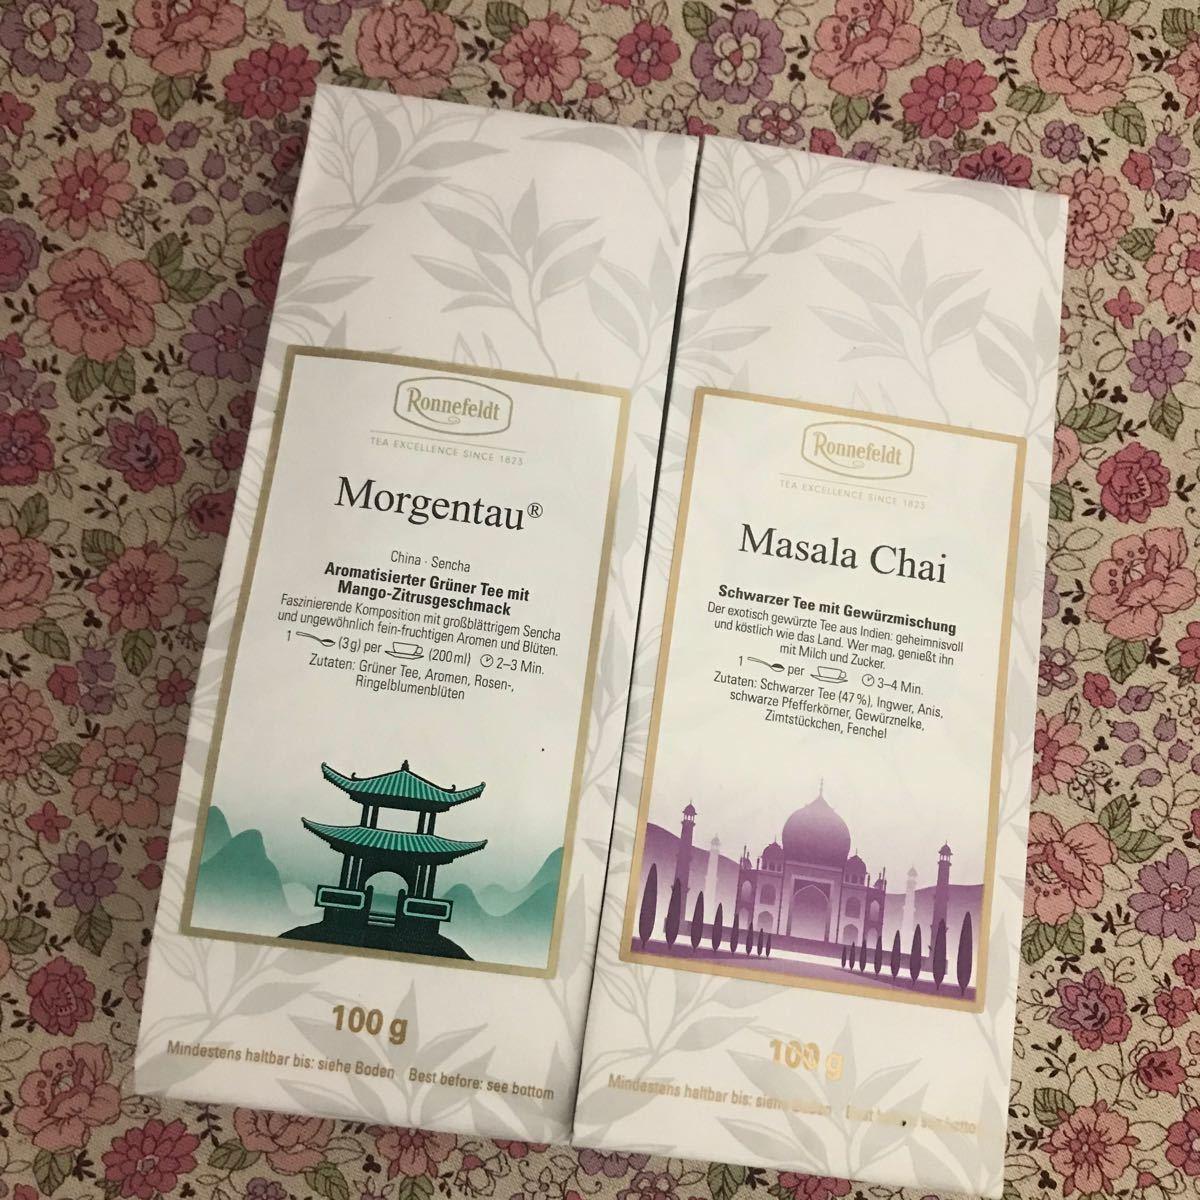 高級紅茶★ Ronnefeldt★ Morgentau+Masala Chai